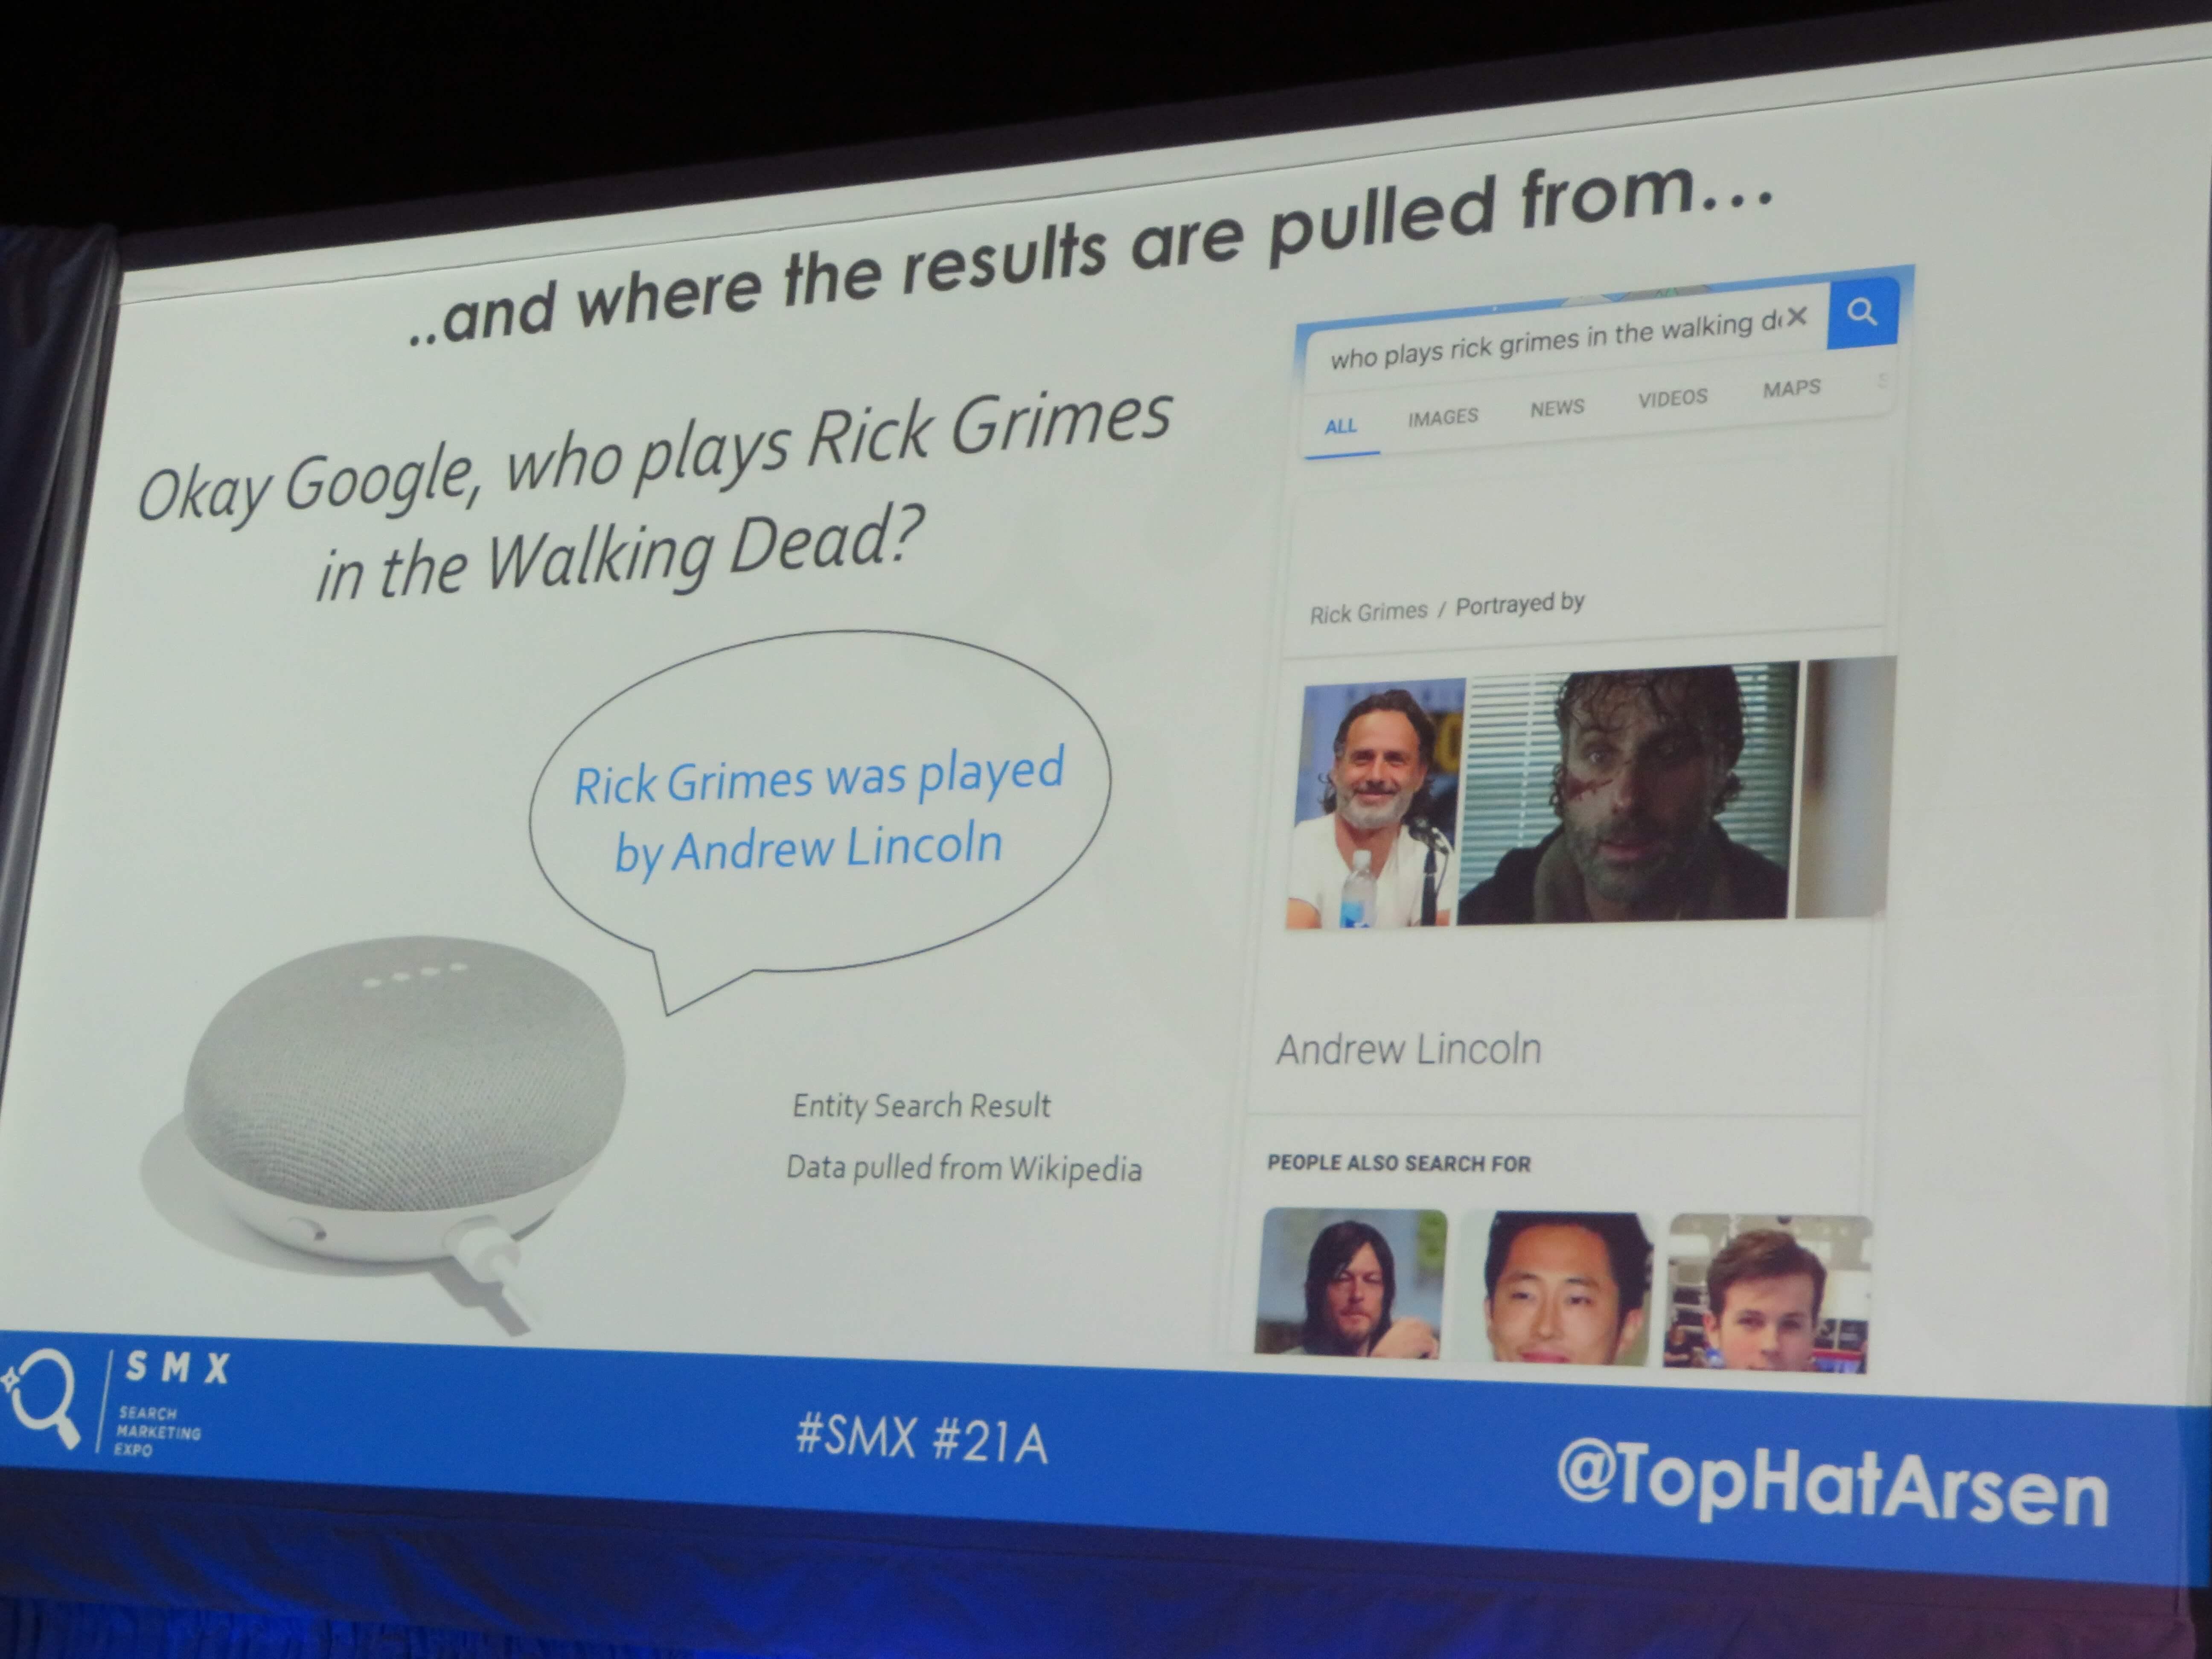 OK Google、ウォーキングデッドでリックグリムスを演じていたのは誰?